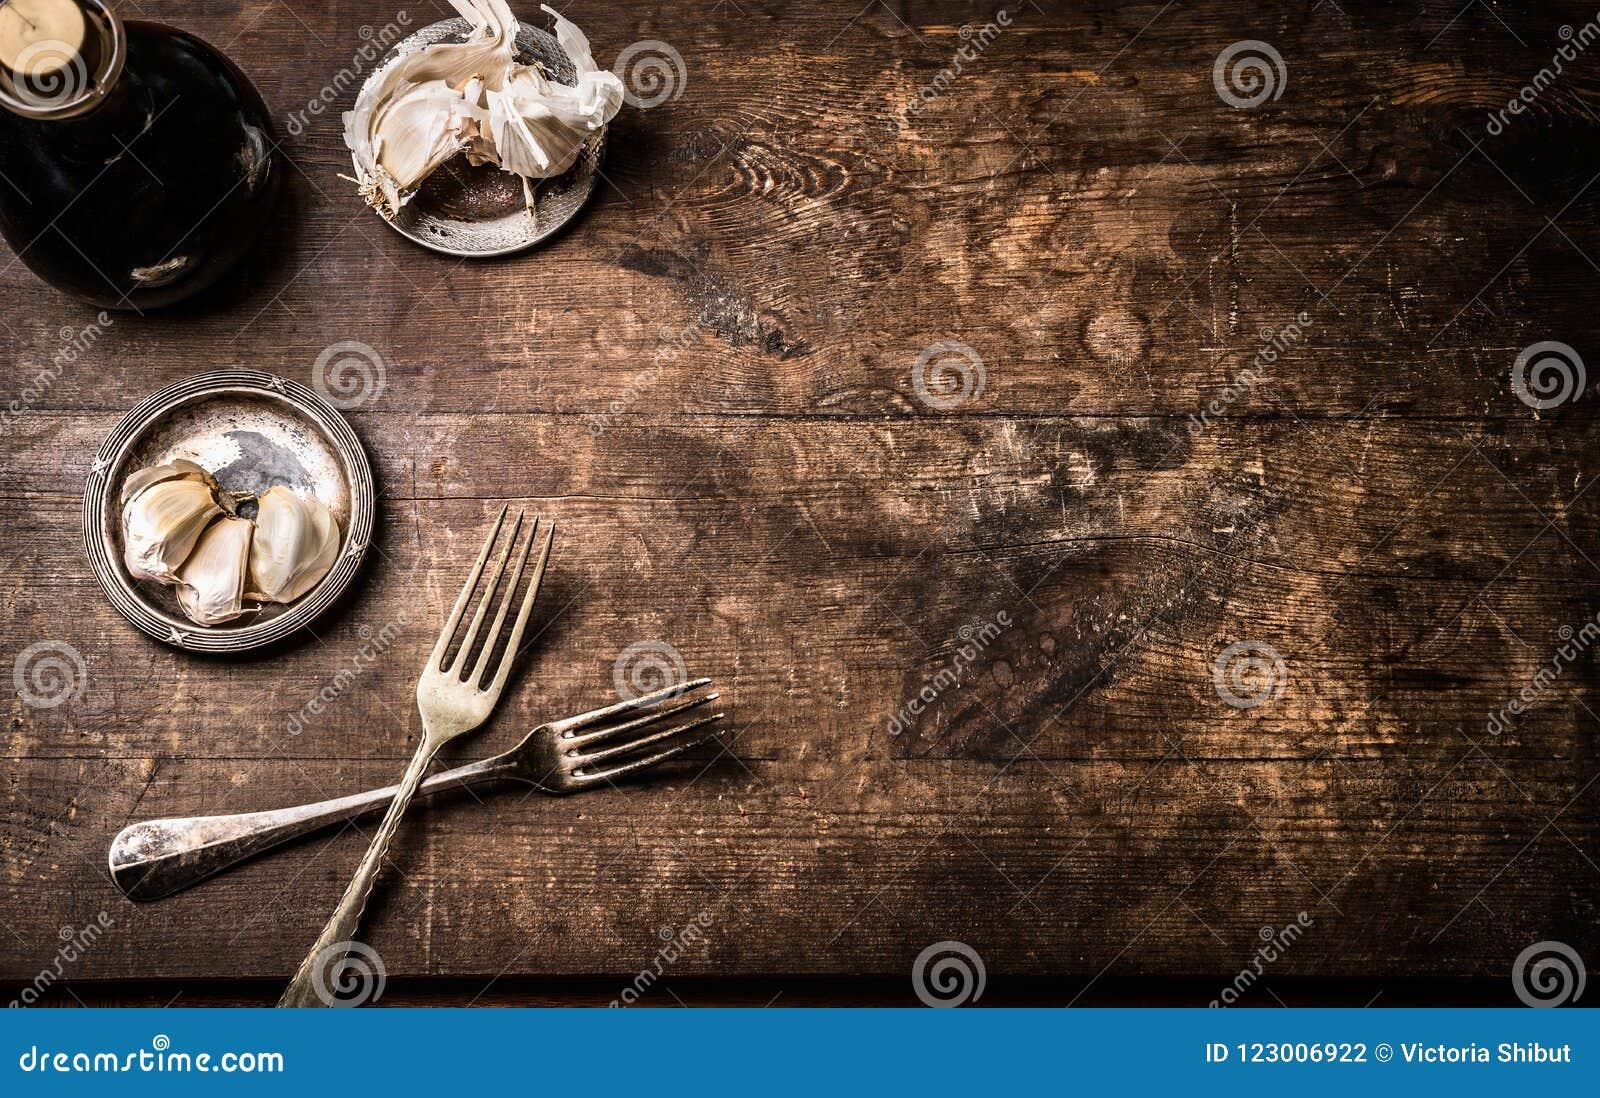 Fondo de madera envejecido rústico oscuro de la comida con los cubiertos y condimento, visión superior con el espacio para su dis